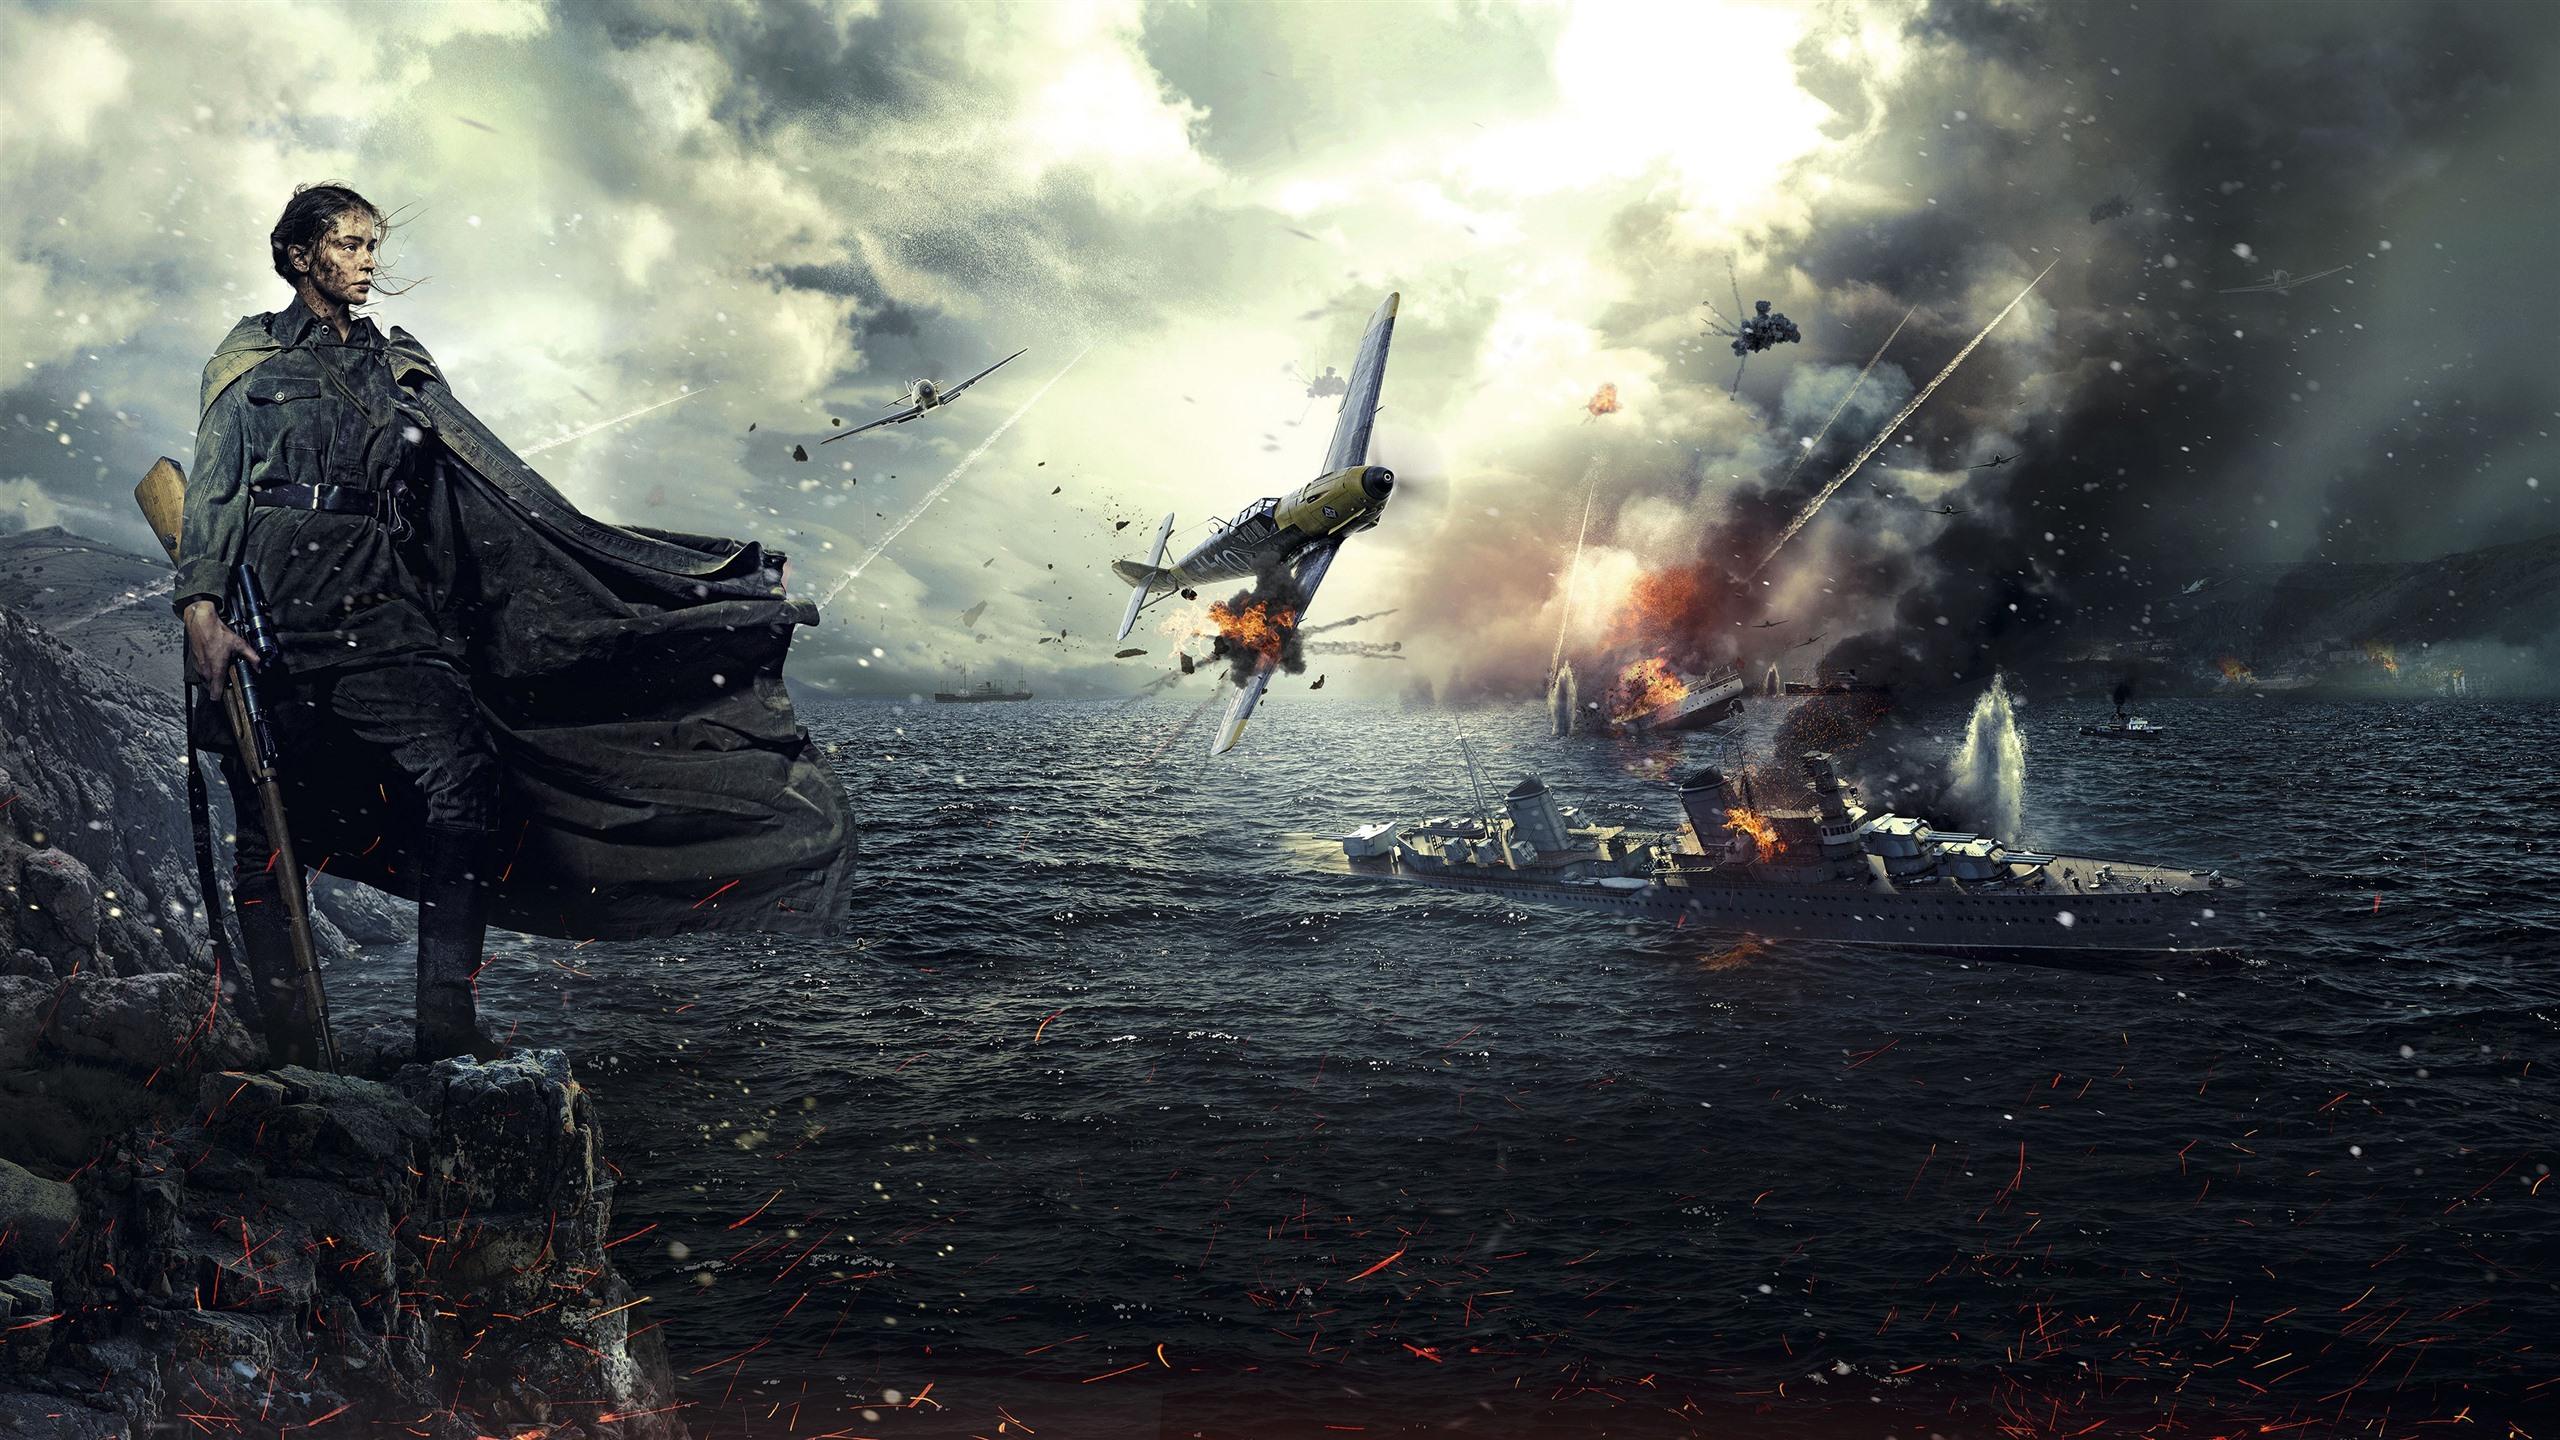 Fonds D Ecran Deuxieme Guerre Mondiale Fille Navire Combattant Jeu Ps4 3840x2160 Uhd 4k Image